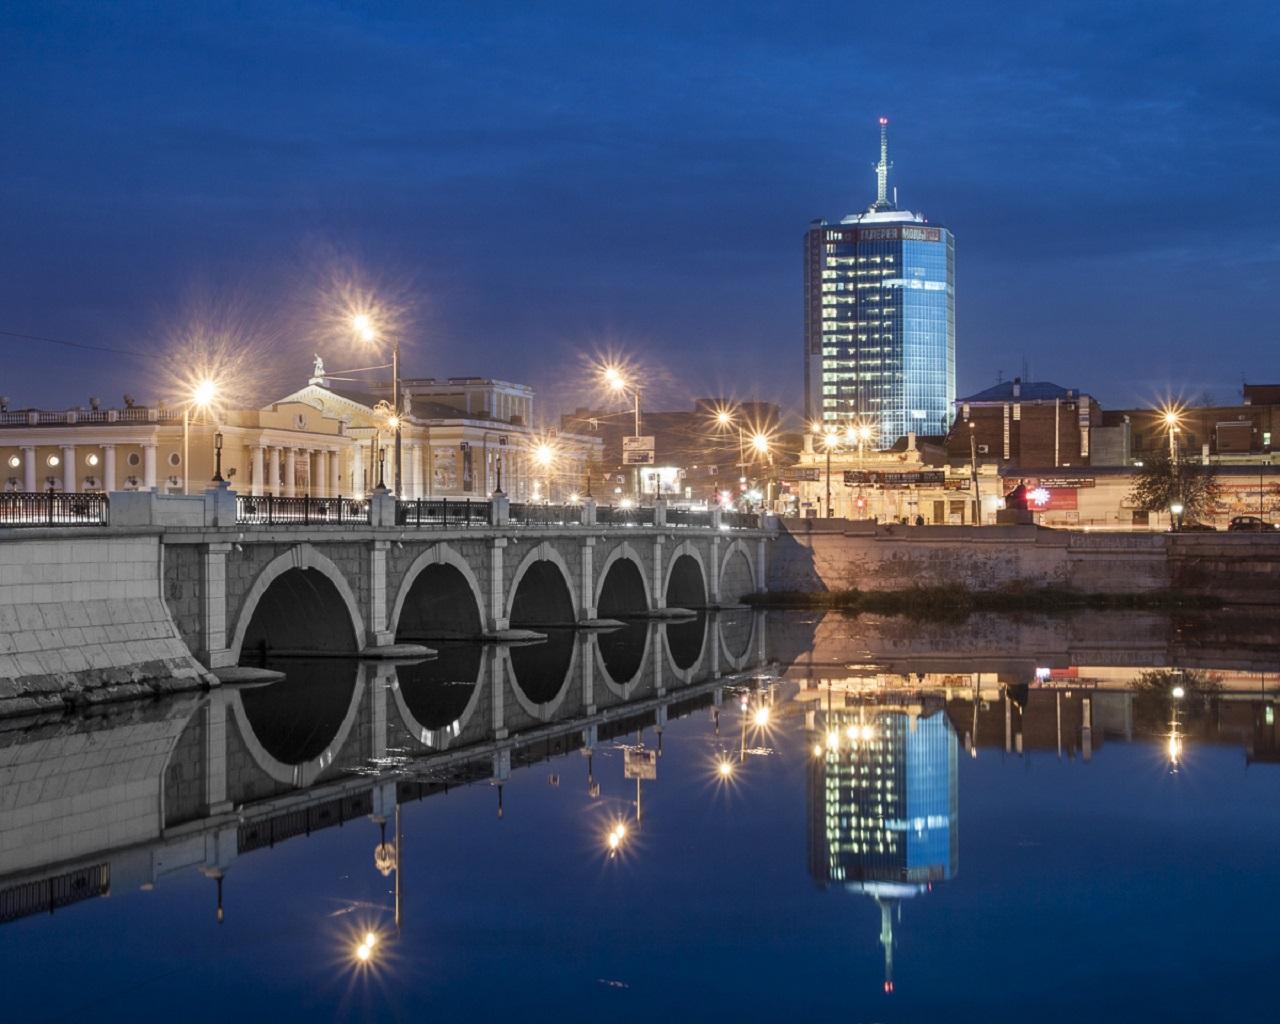 День города в Челябинске 2021: опубликована полная афиша мероприятий